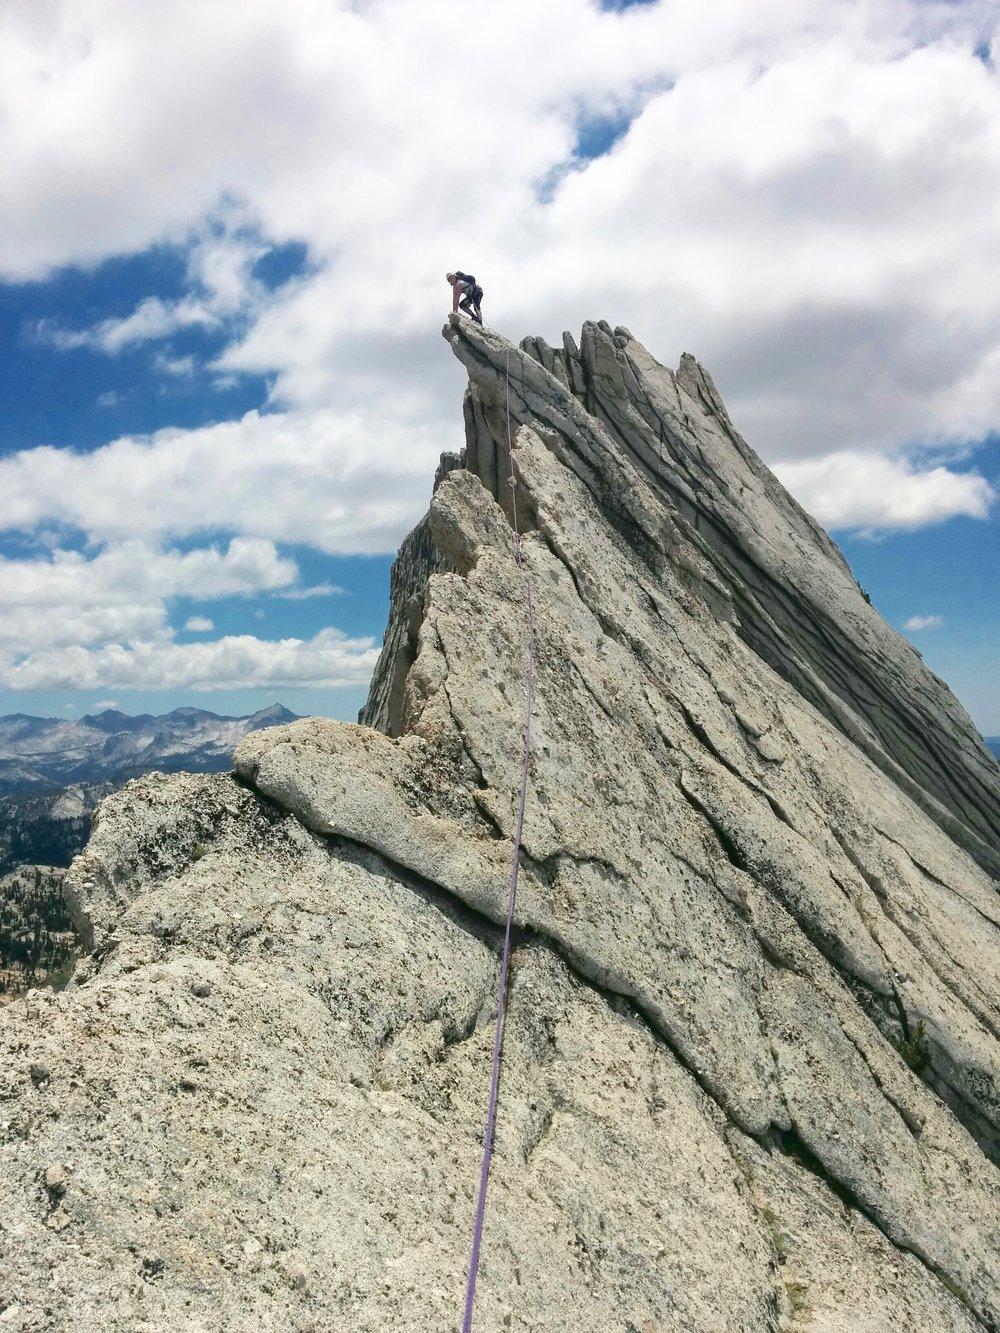 Lauren Breitenbach Rock Climbing Sierra Nevada, Yosemite Matthes Crest